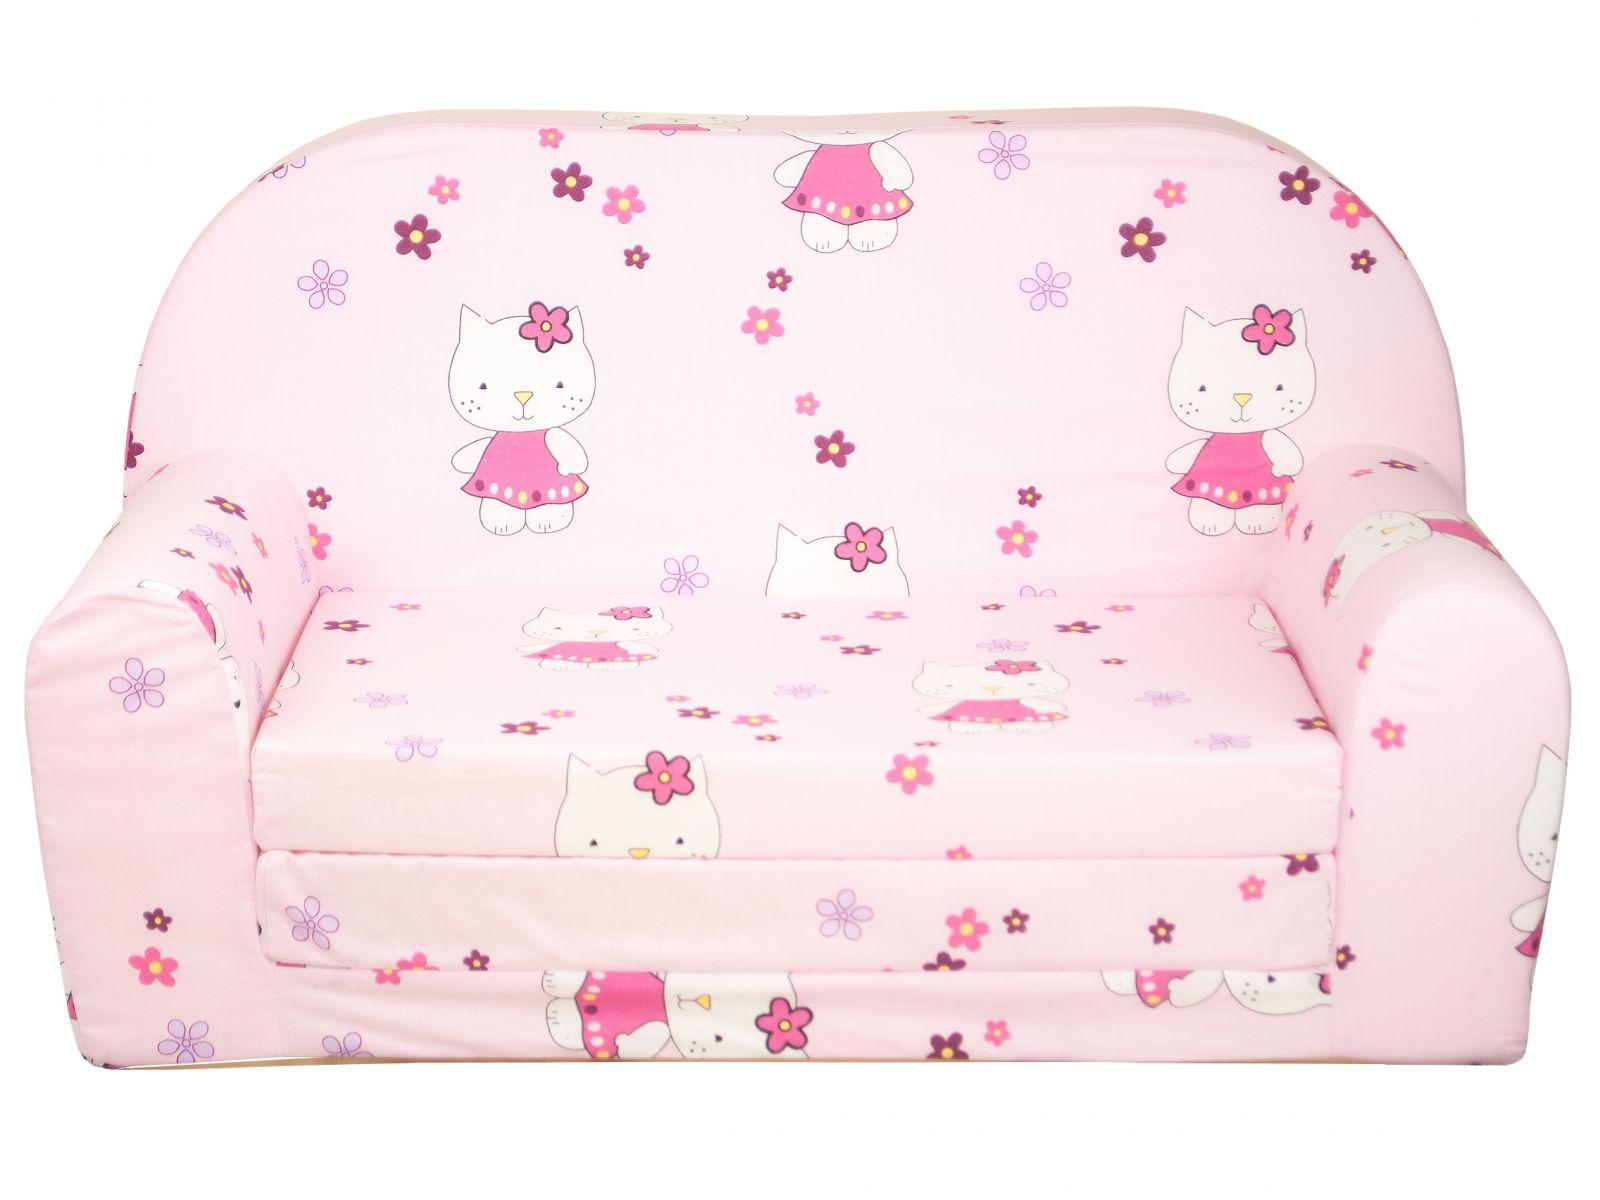 Fimex Dětská rozkládací mini pohovka Kočky růžová